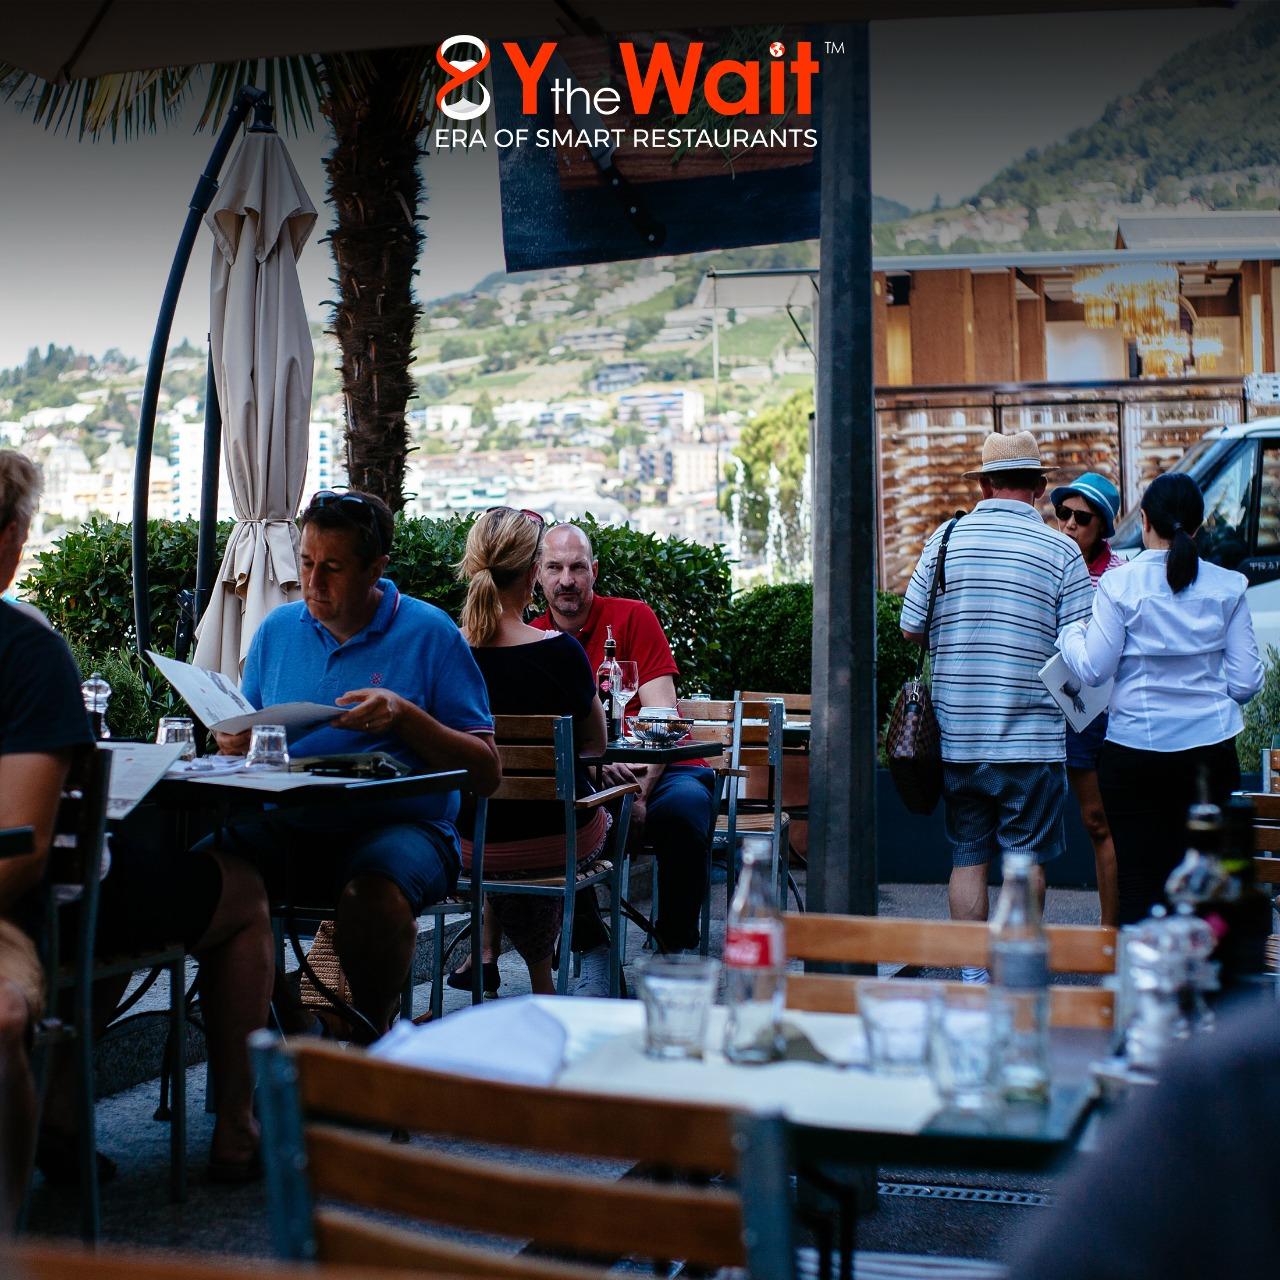 Y the Wait - Digital Waiter App - Food Ordering